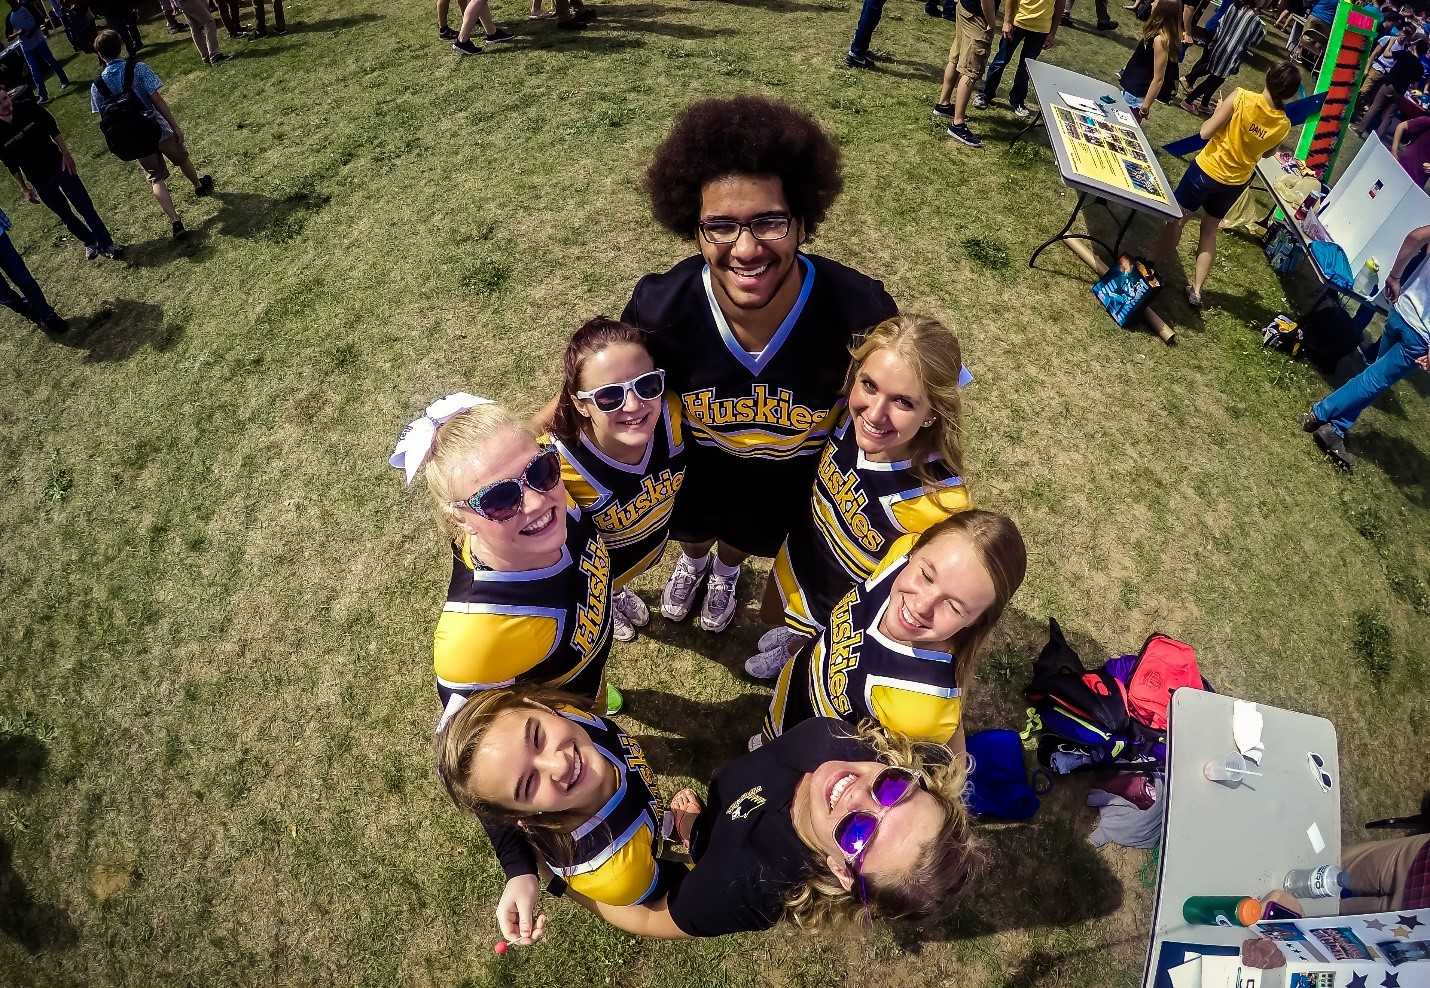 Cheer Team shows their spirit